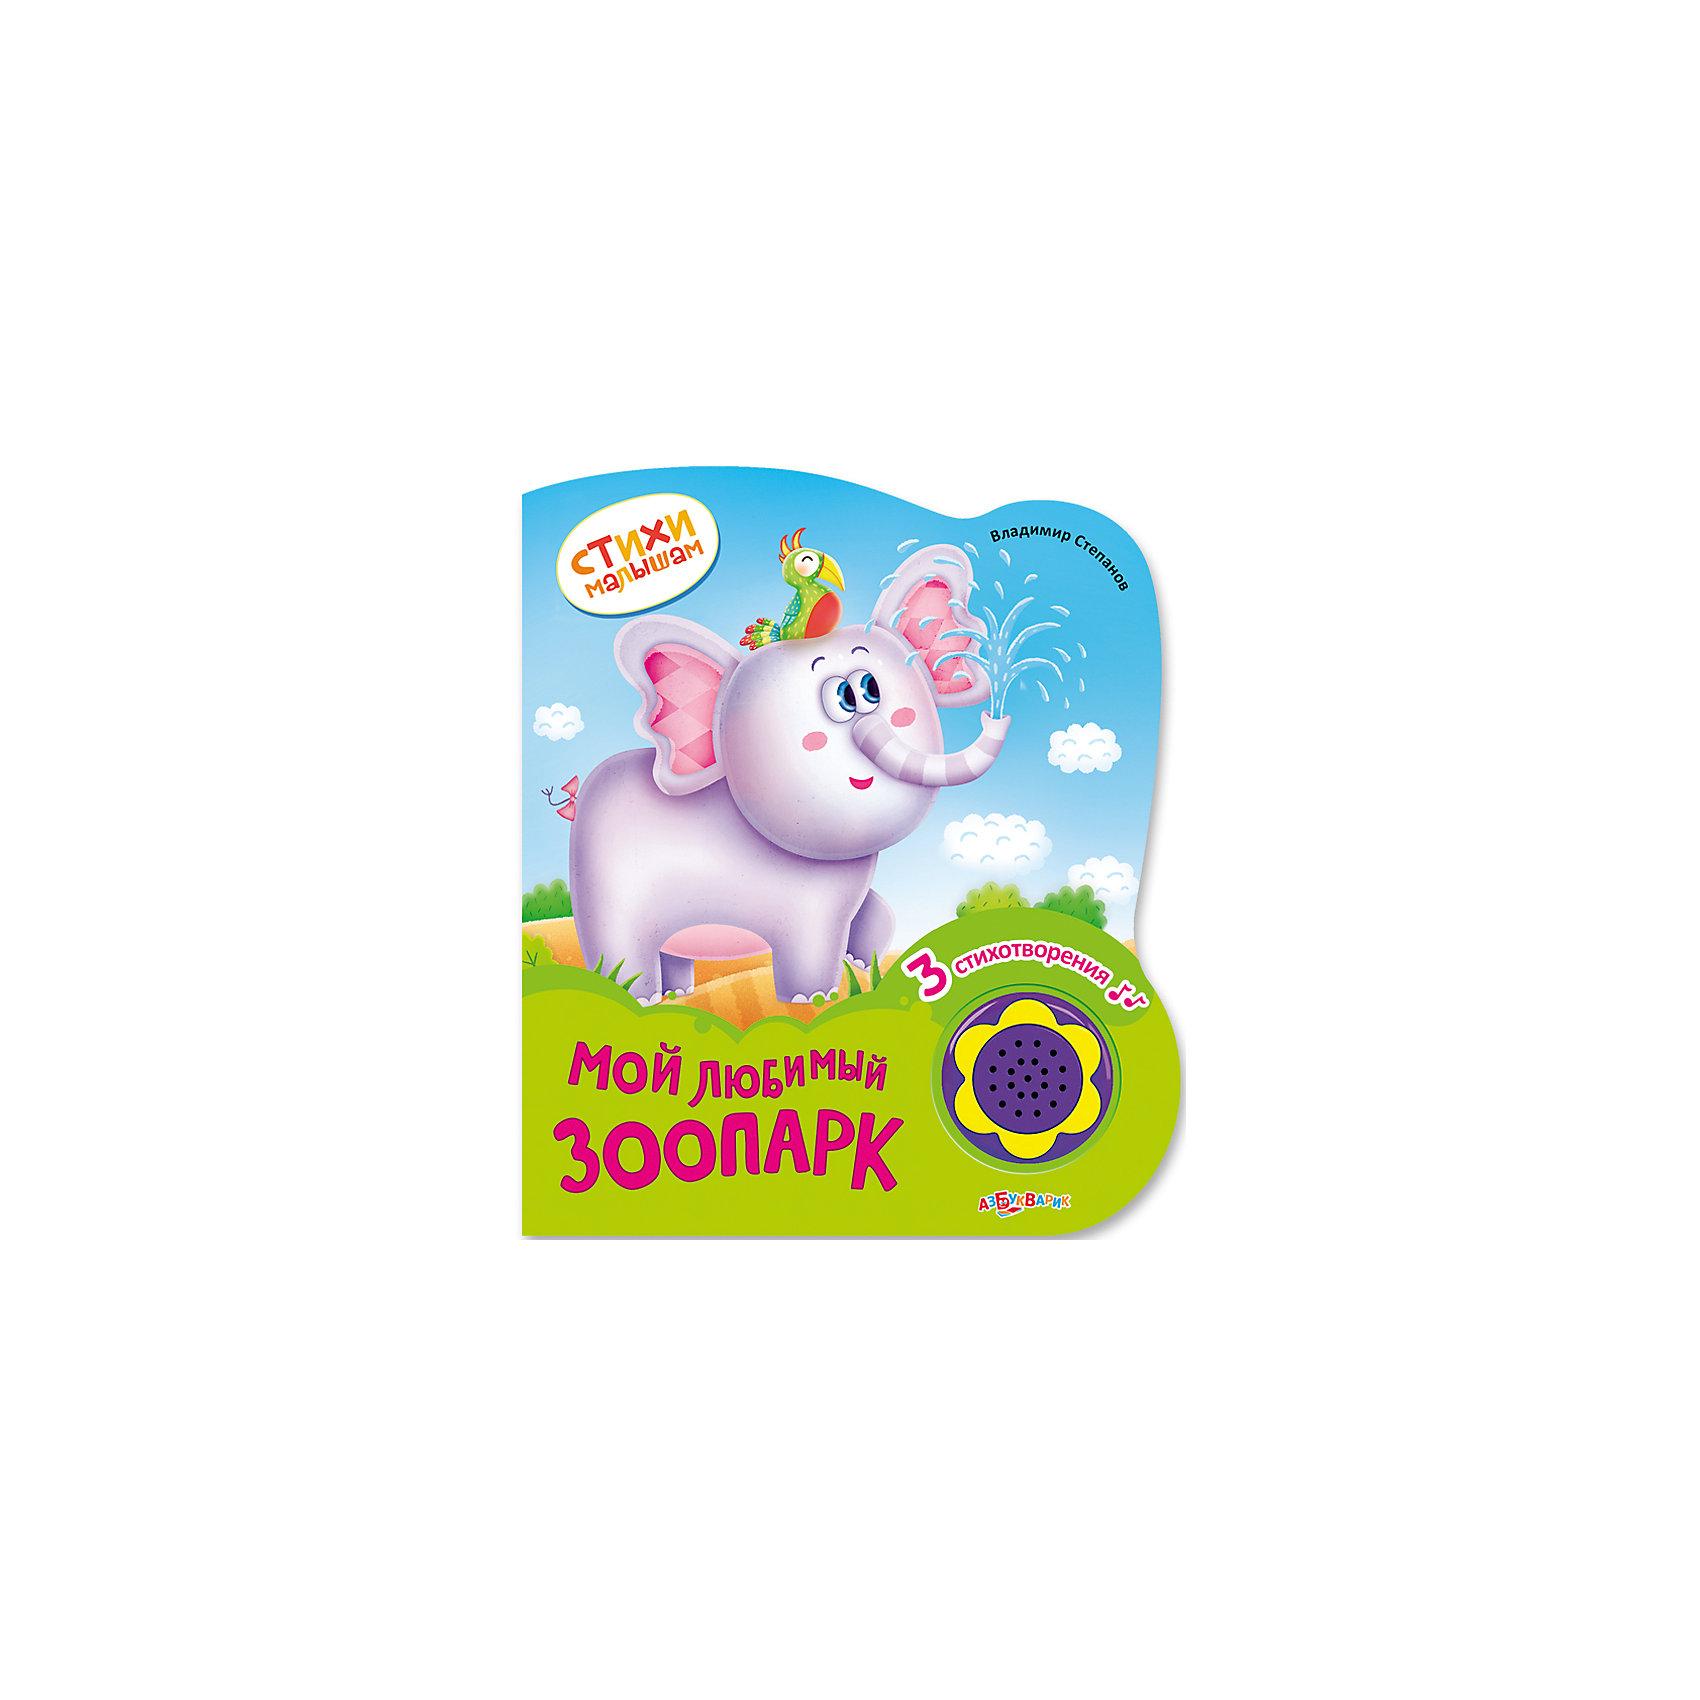 Азбукварик Книга Мой любимый зоопарк Стихи малышам, новый формат азбукварик азбукварик что умеет лошадка серия мои первые стихи